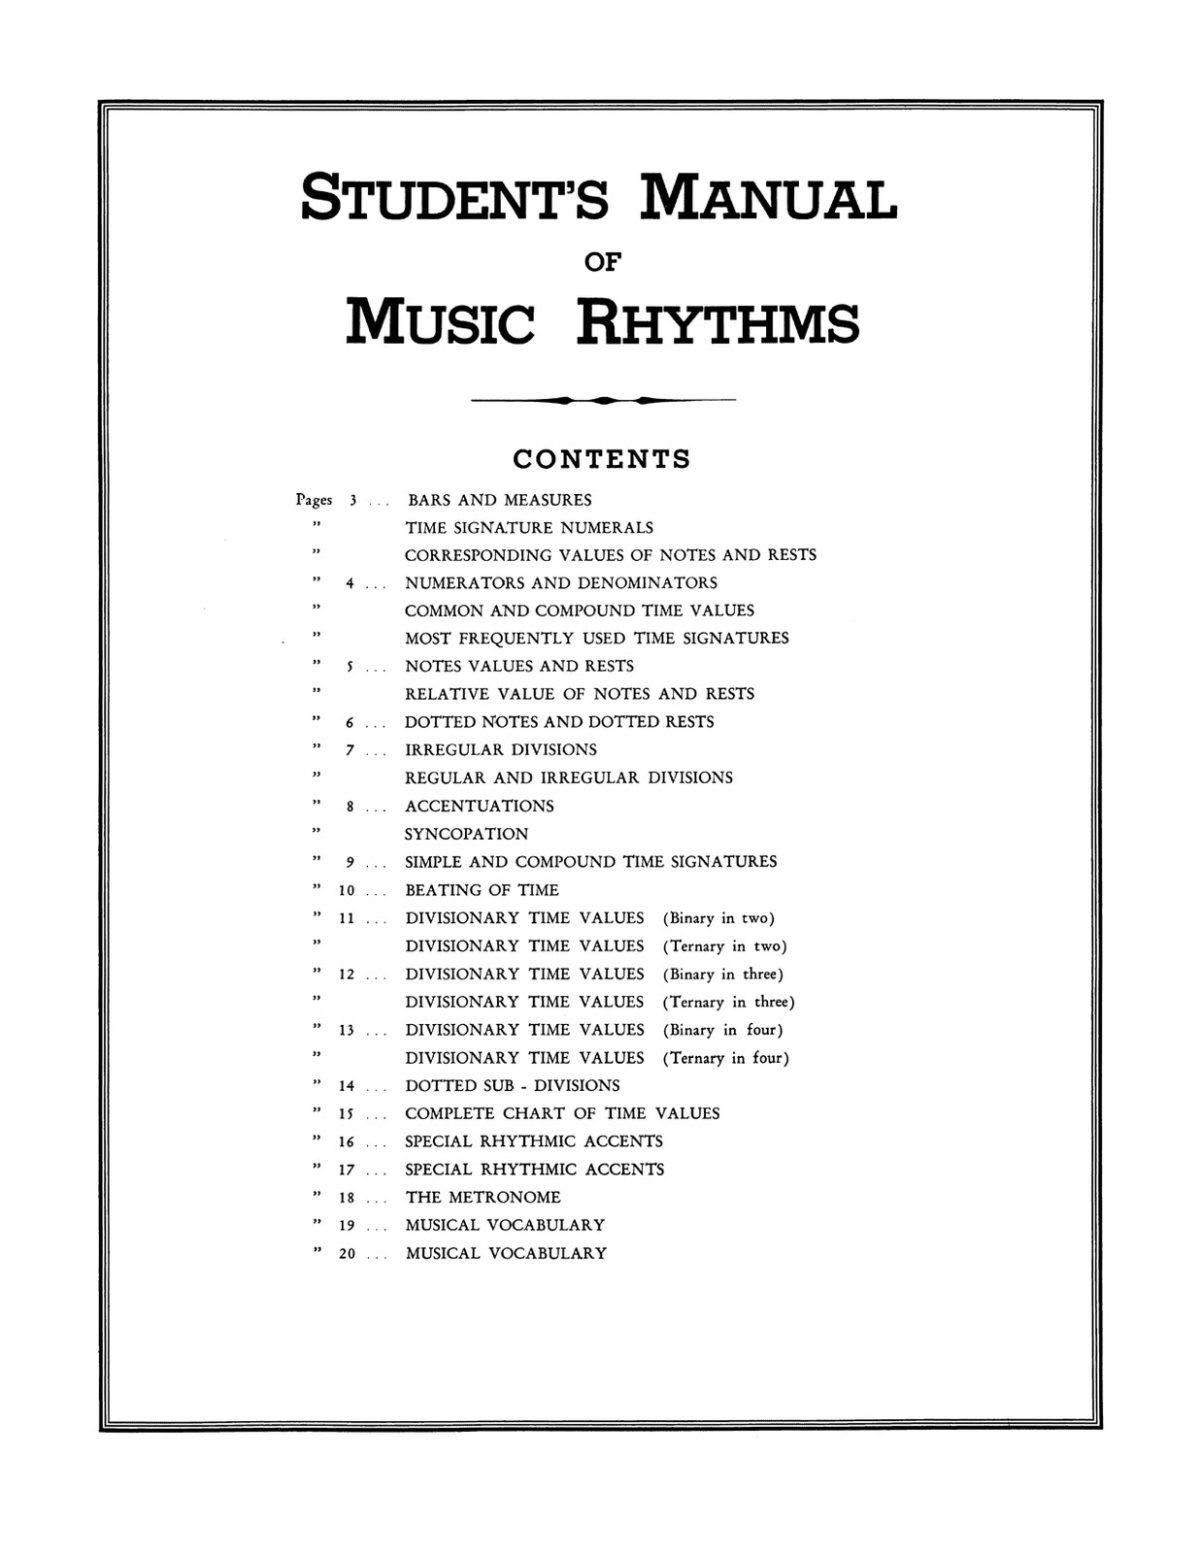 Vanasek, Student's Manual of Music Rhythms-p03